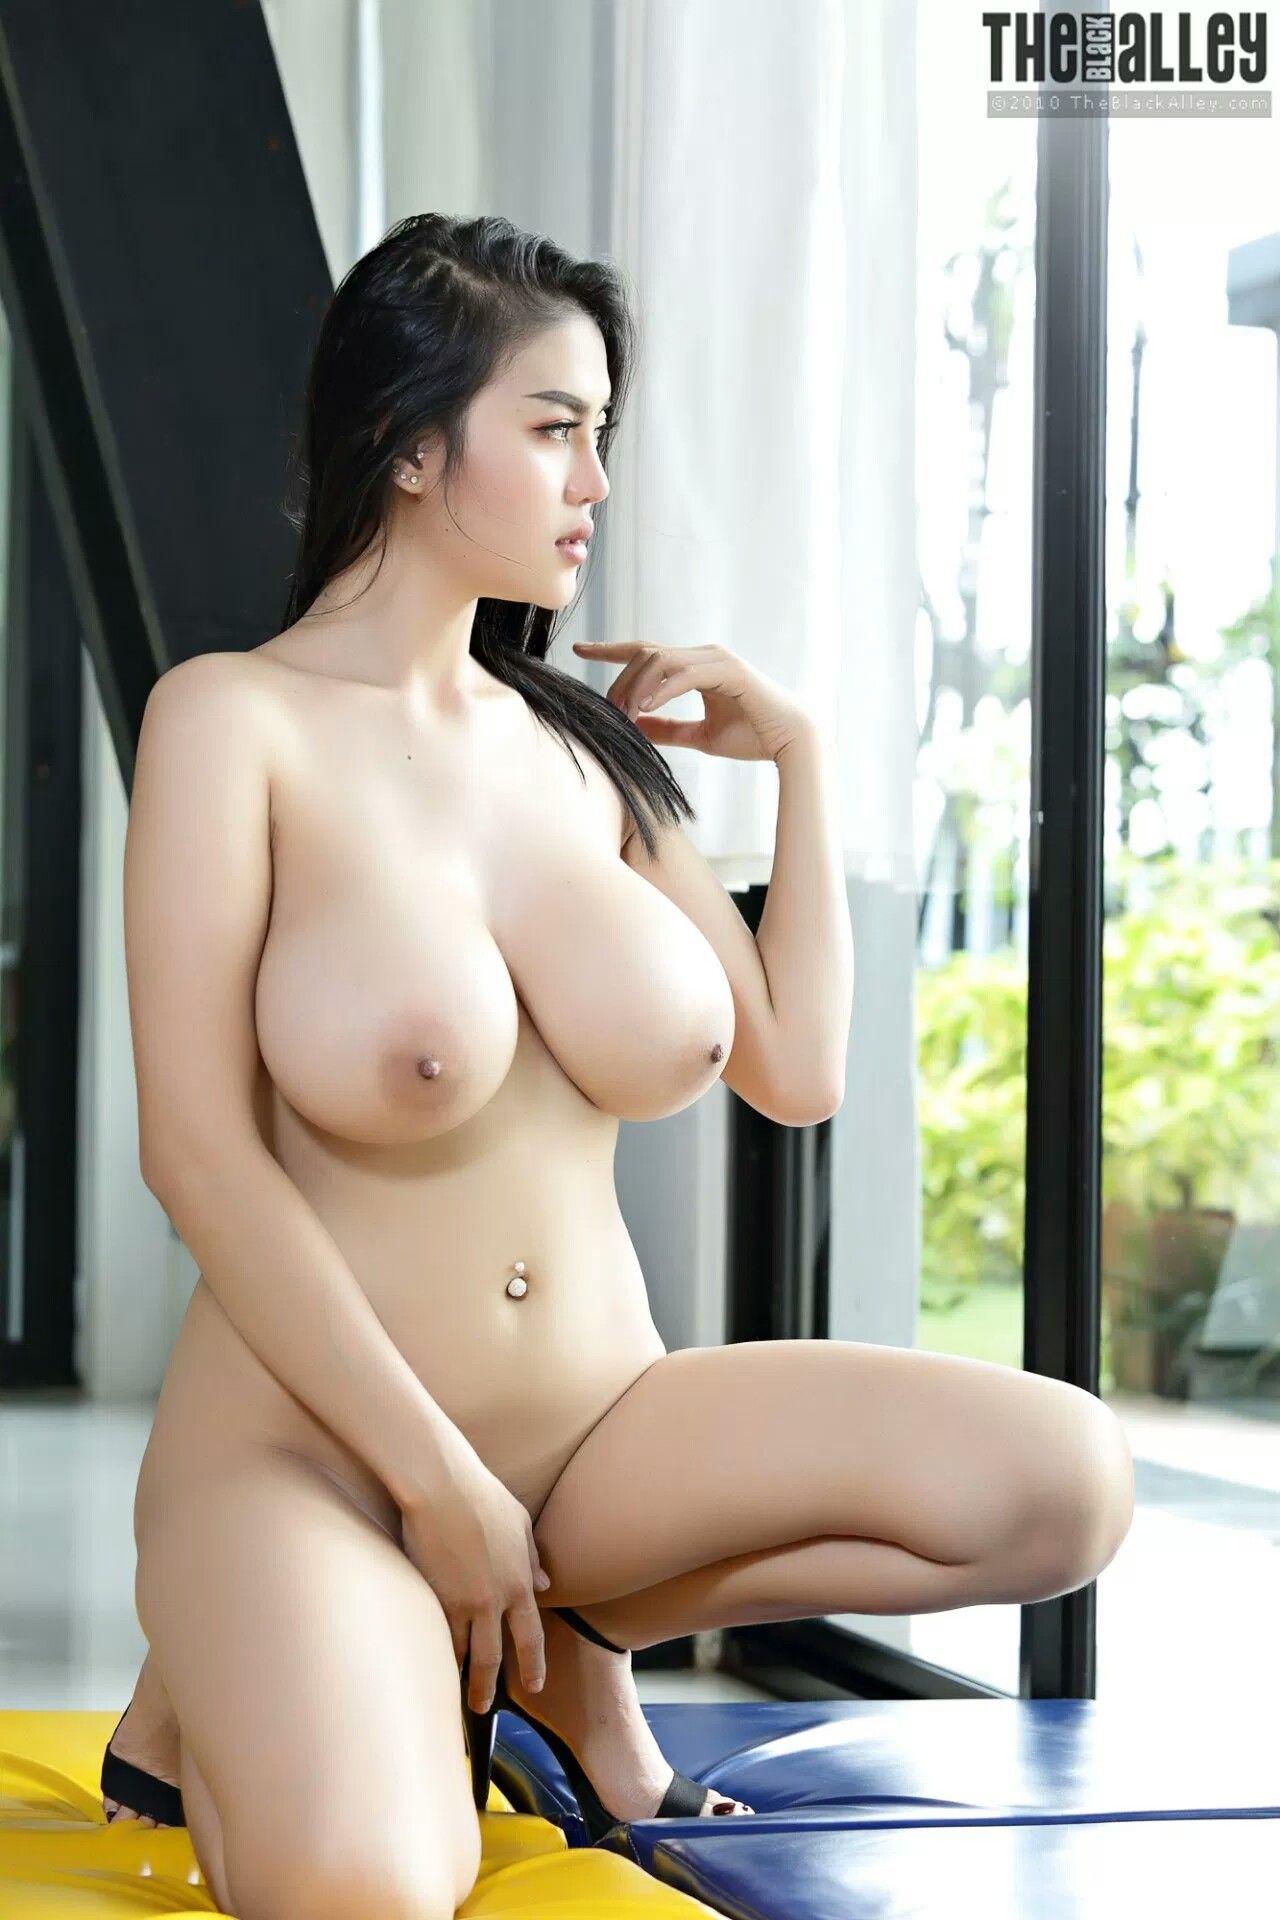 Danielle panabaker naked